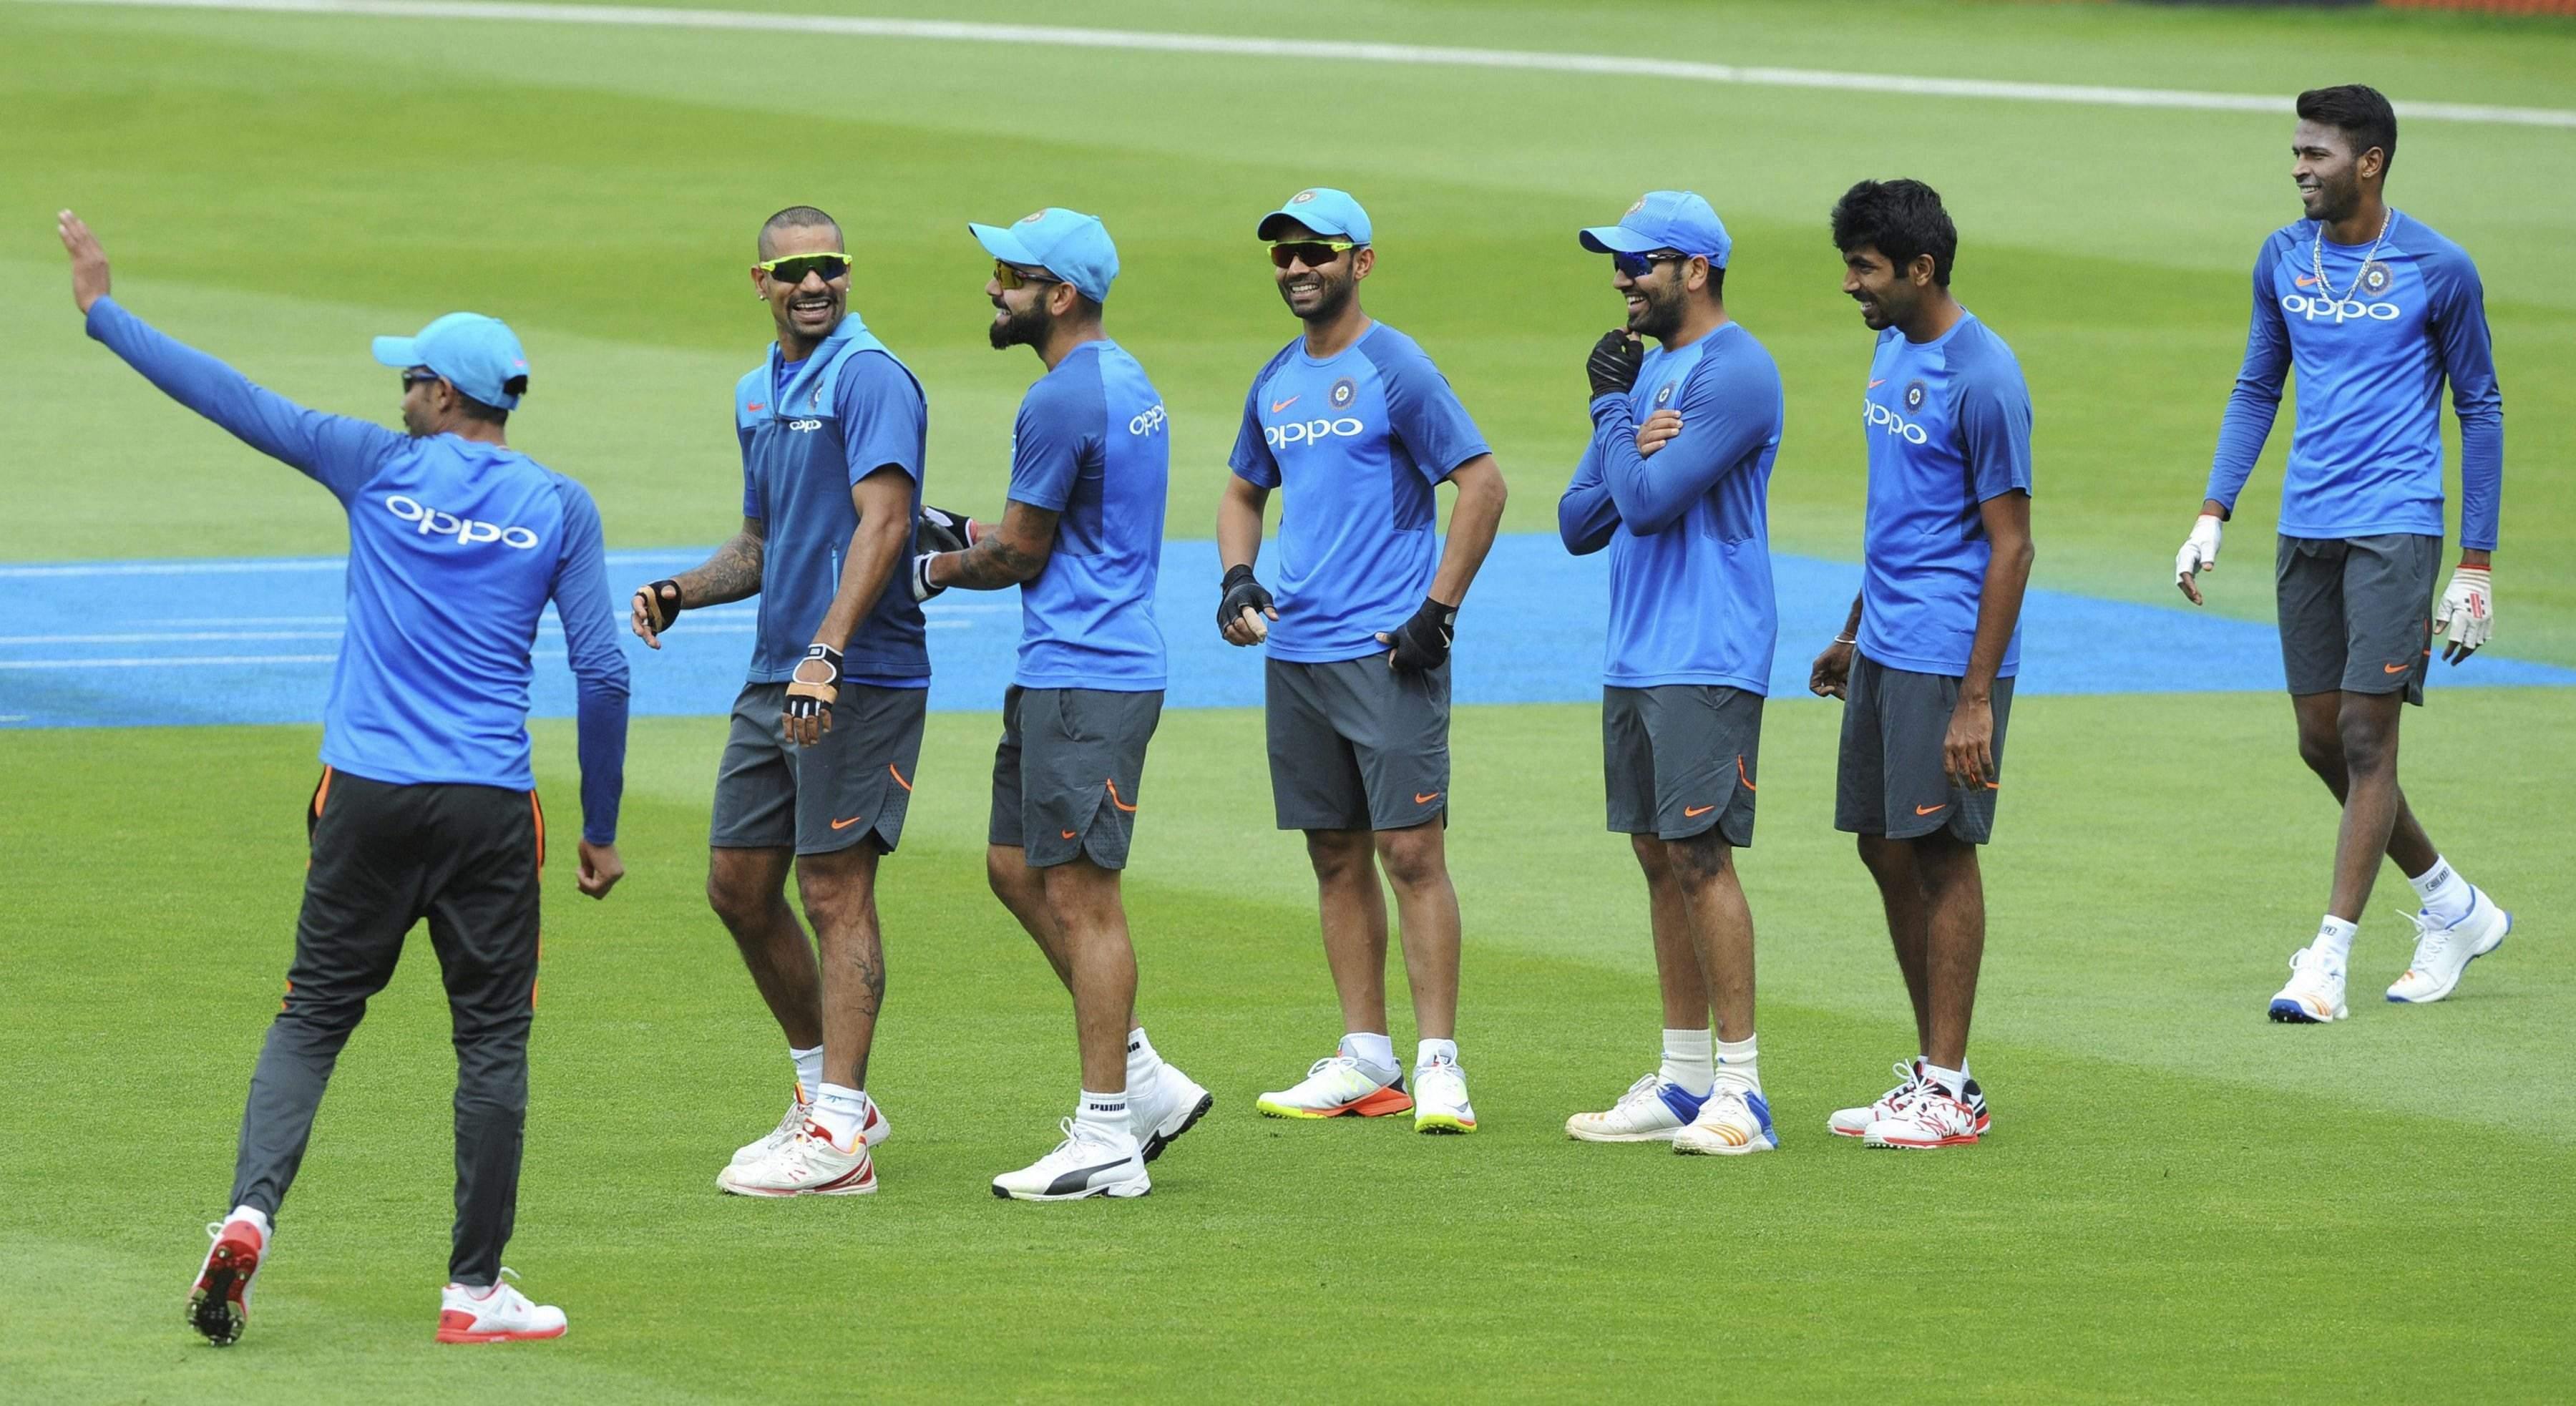 सिर्फ भारतीय खिलाड़ियों की ही नहीं बल्कि भारतीय टीम के शानदार प्रदर्शन में इन 6 लोगो का भी रहा है अहम योगदान